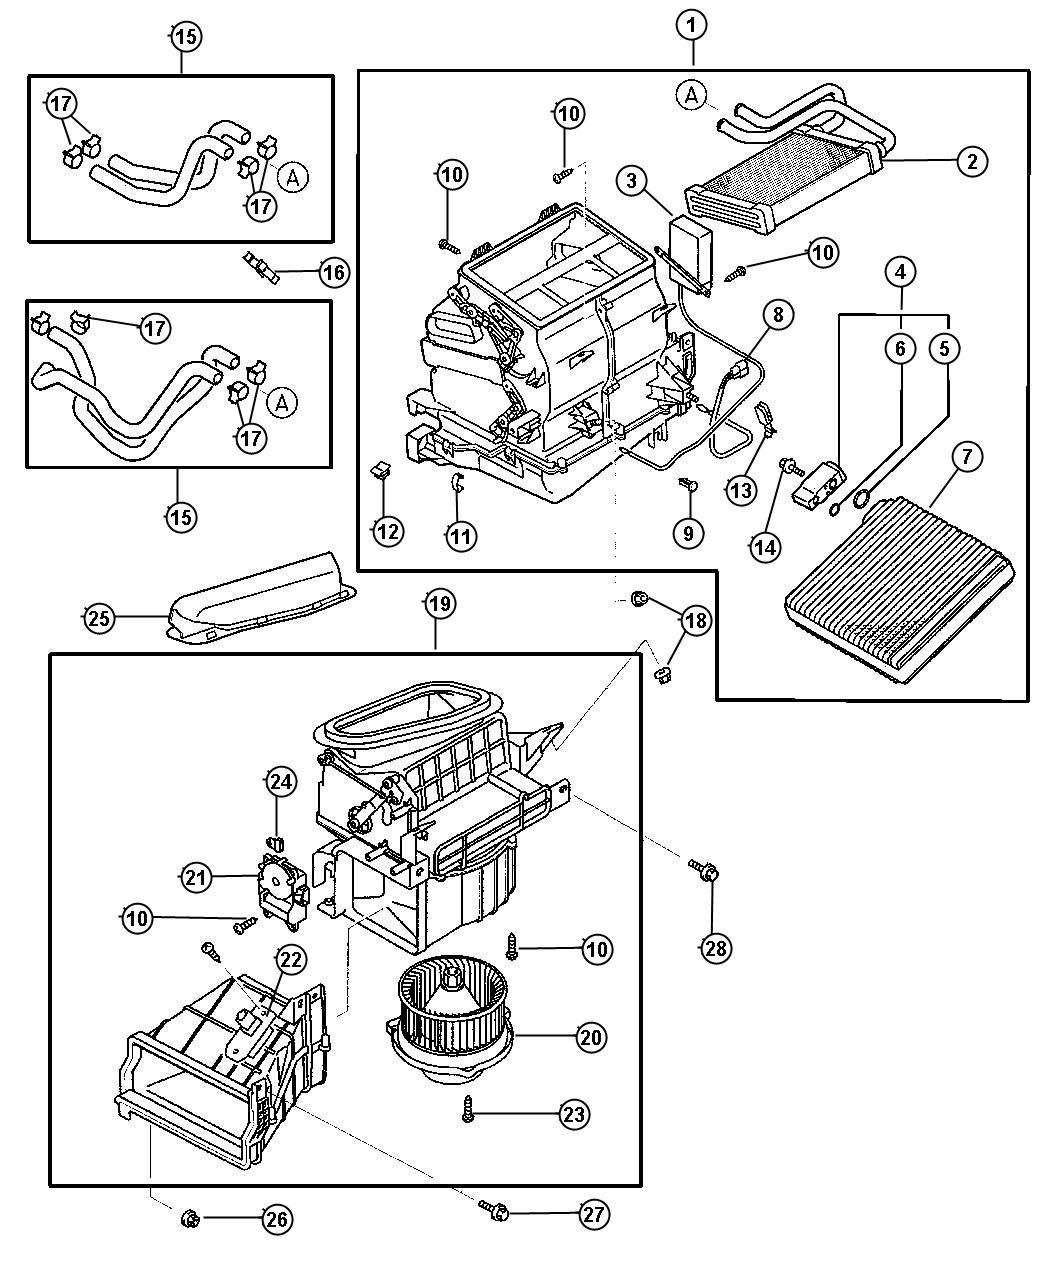 Dodge Ram Screw A C Housing M8x16 Air